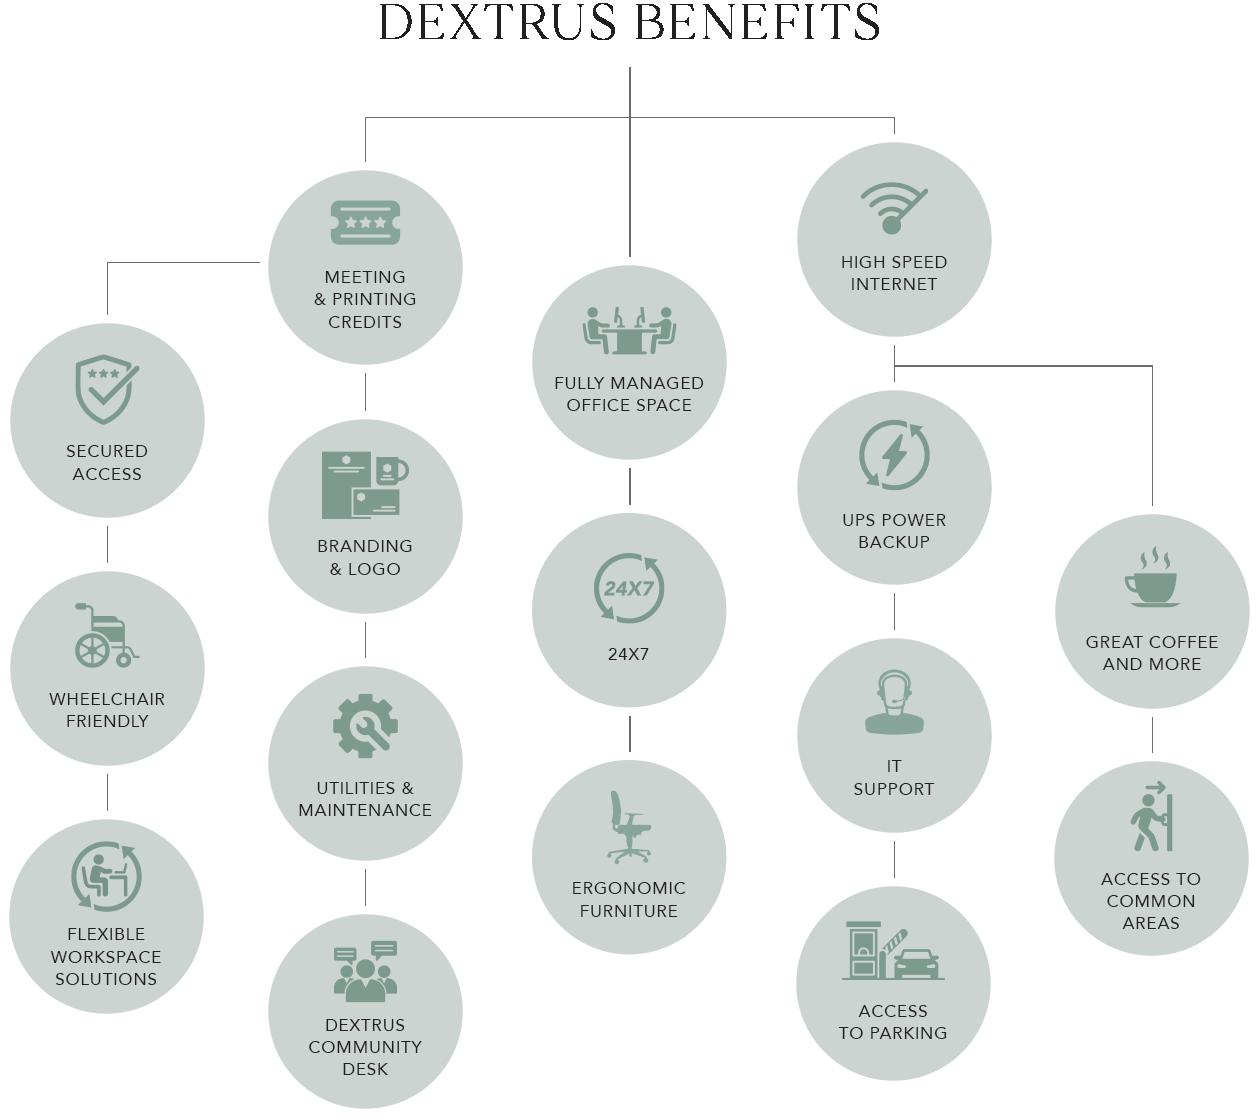 Dextrus Benefits - Fixed Desk